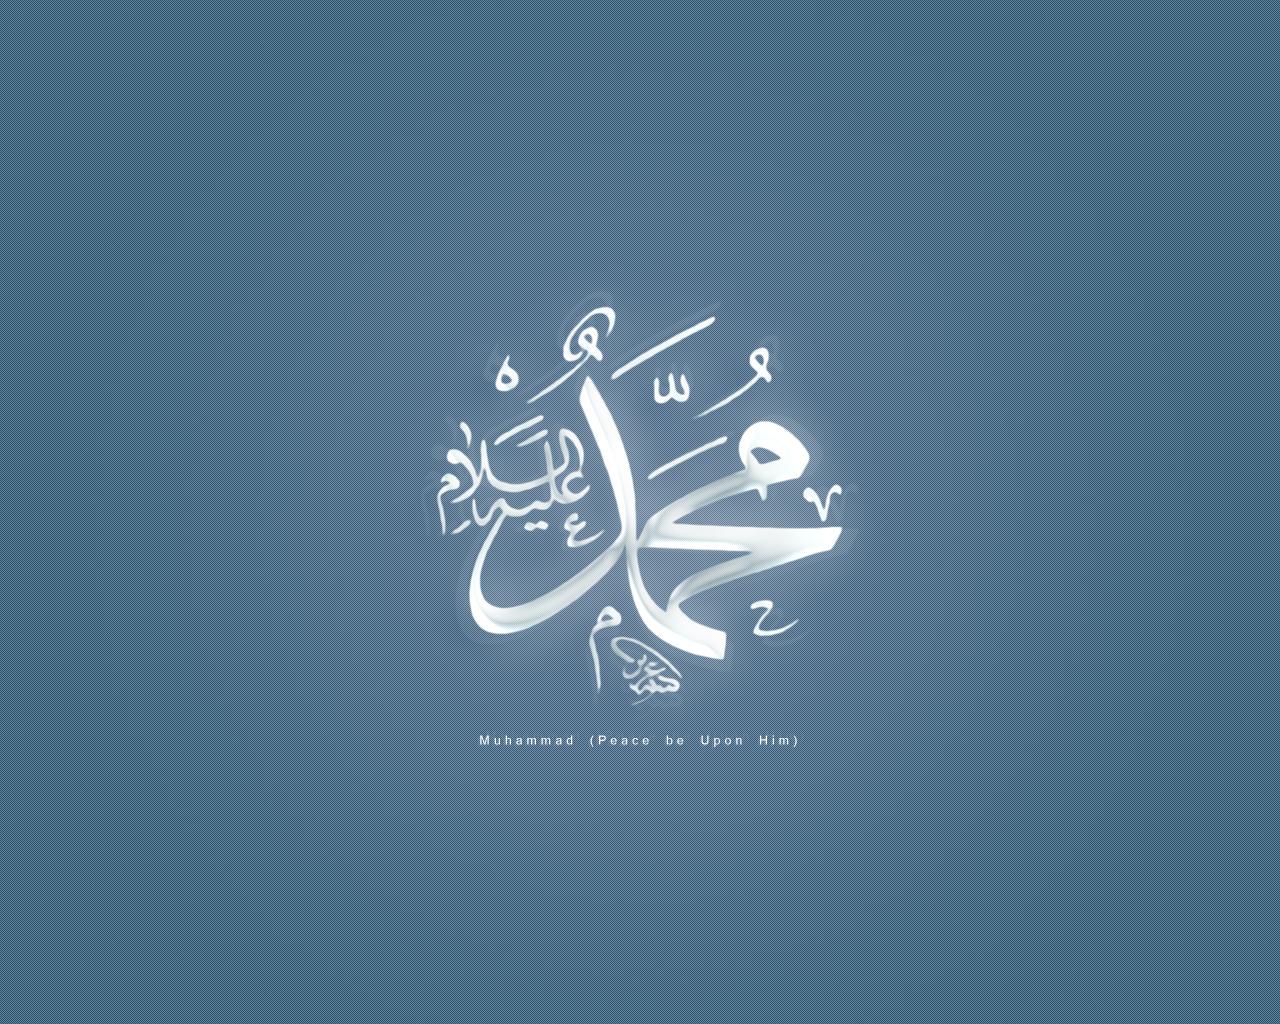 http://4.bp.blogspot.com/-8GrzUI46JXs/TZtfL3Nc5OI/AAAAAAAABKo/fyc1hNV8VKc/s1600/Muhammad+pbuh+wallpapers+by+cool+images+%25286%2529.jpg